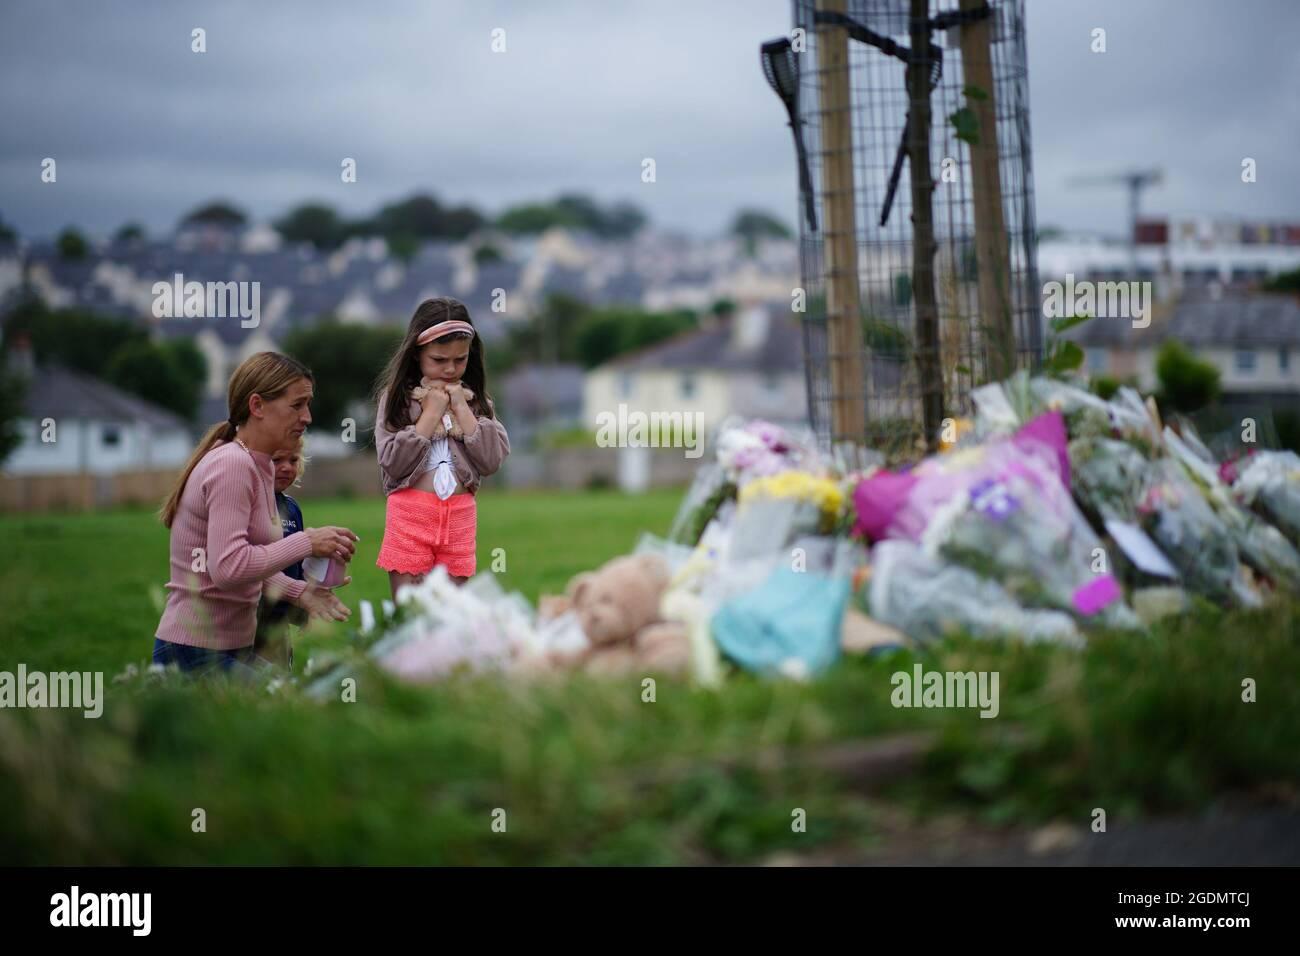 Una donna e due giovani ragazze guardano i tributi floreali a Plymouth, dove sei persone, tra cui l'offensore, sono morte di ferite da sparo in un incidente di armi da fuoco il giovedì sera. Data immagine: Sabato 14 agosto 2021. Foto Stock